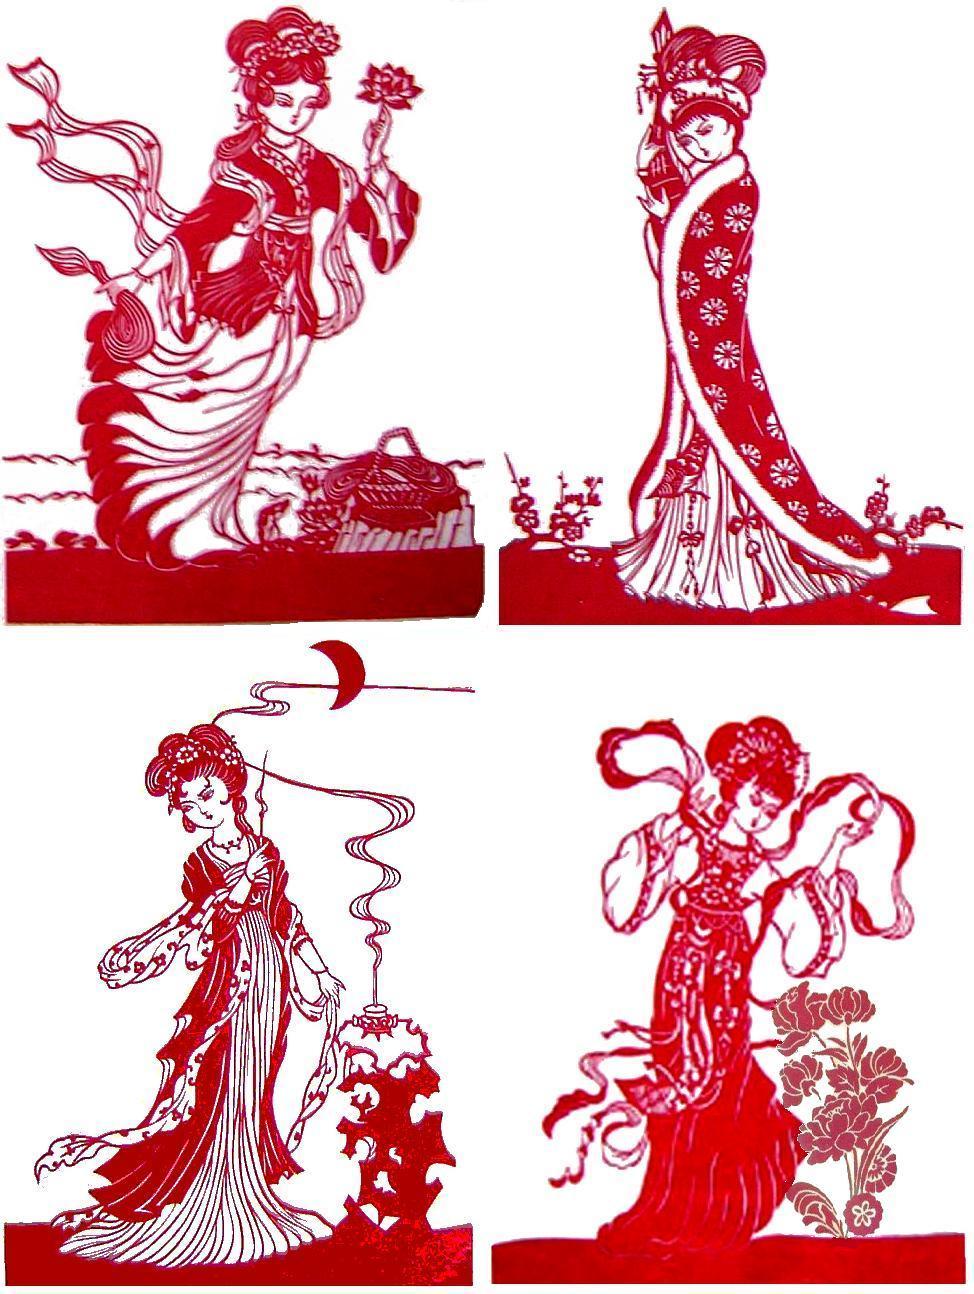 主题:精美剪纸----四大美女